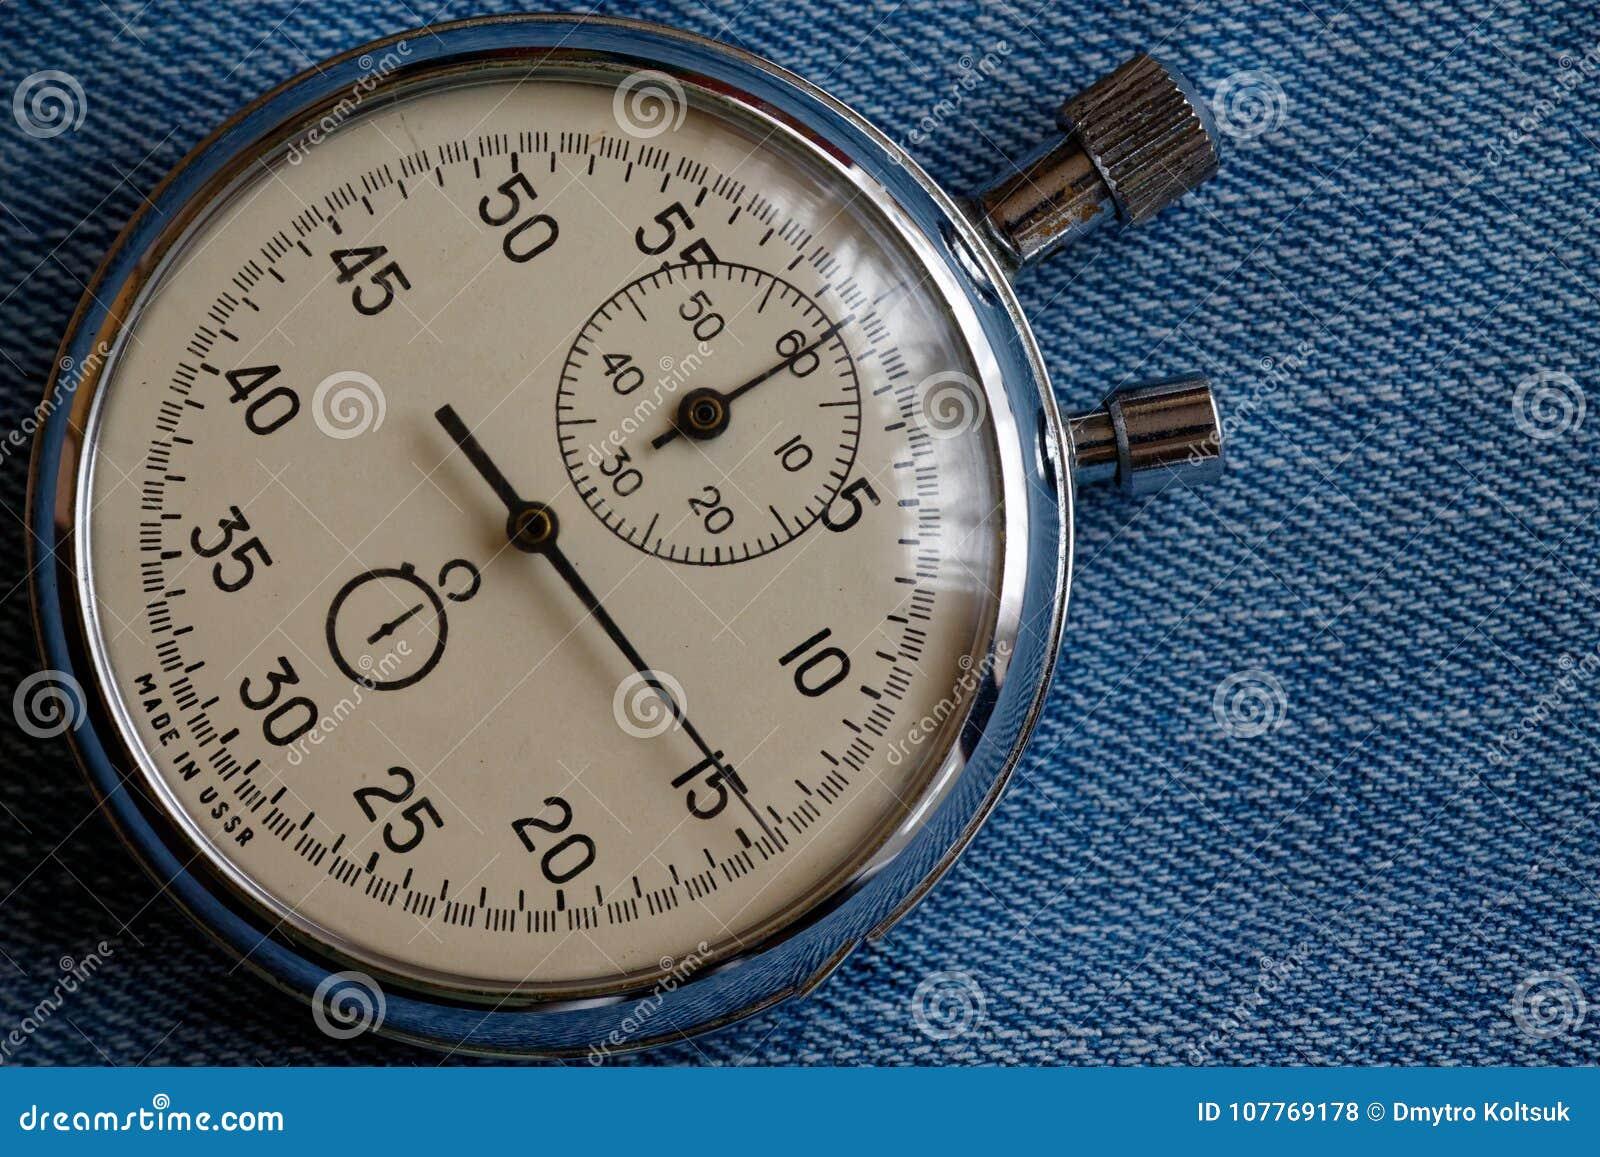 在破旧的蓝色牛仔裤背景,价值措施时间、老时钟箭头分钟和第二个准确性定时器纪录的秒表